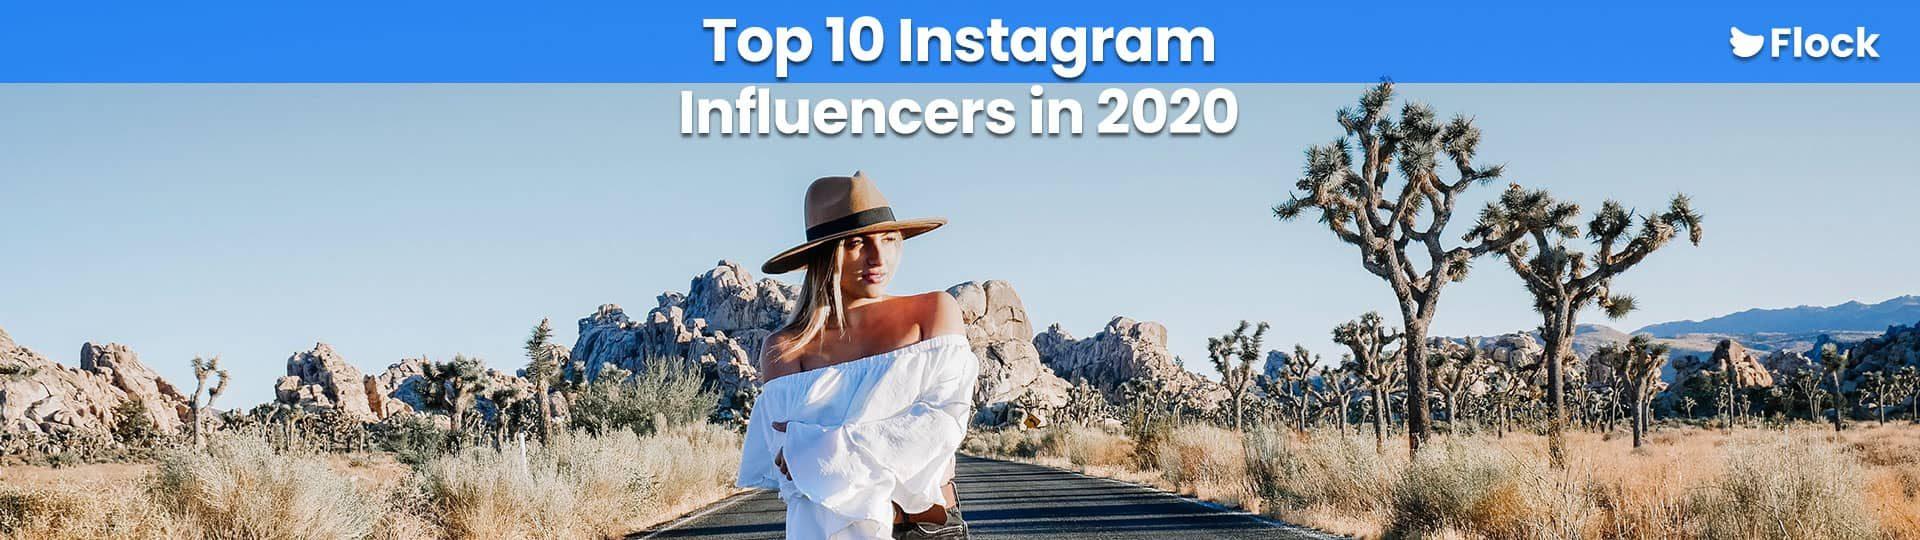 Top-10-IG-Influencers